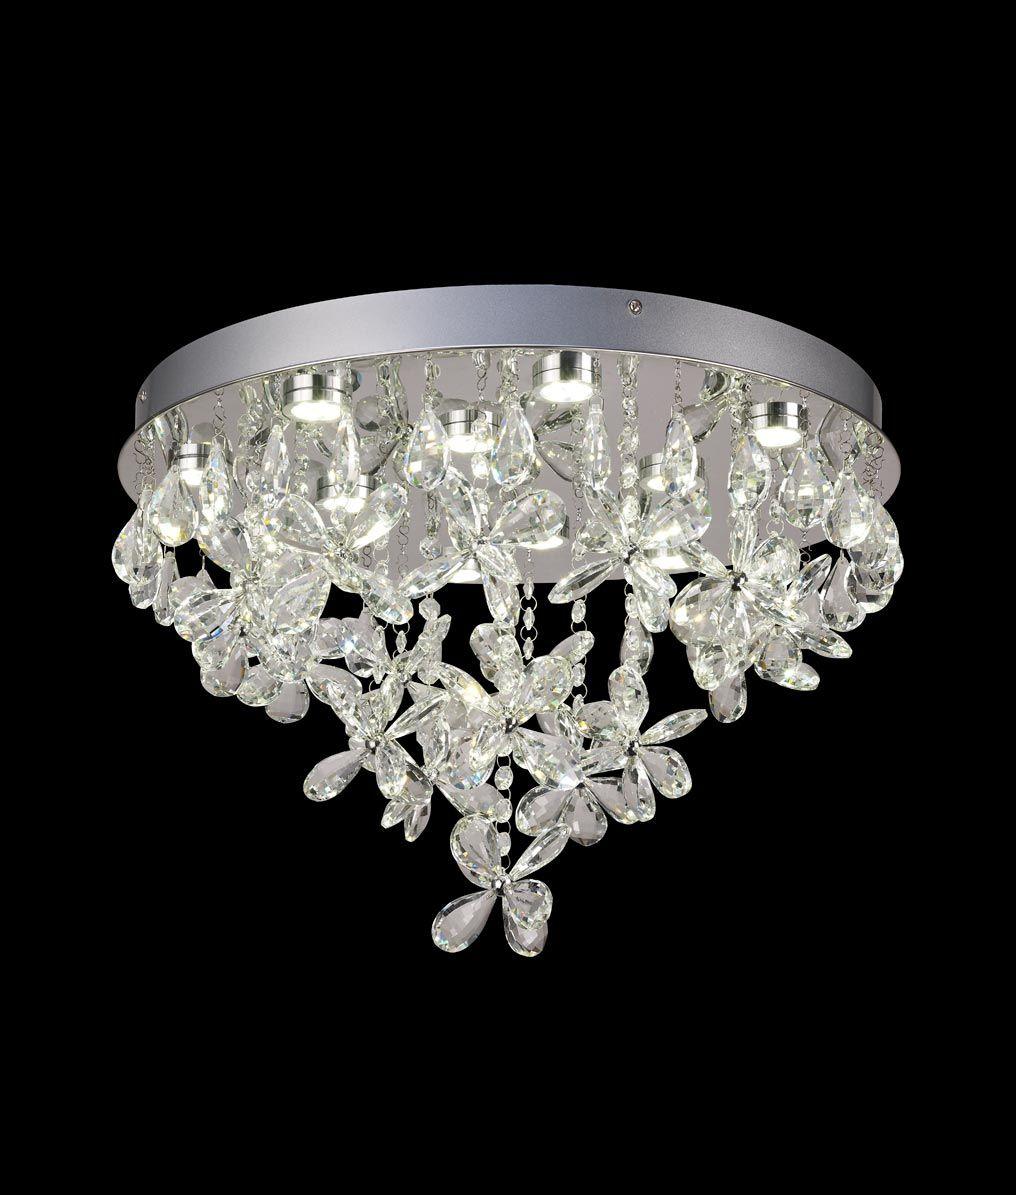 L mpara cristal kawai led la casa de la l mpara - Casa de las lamparas ...